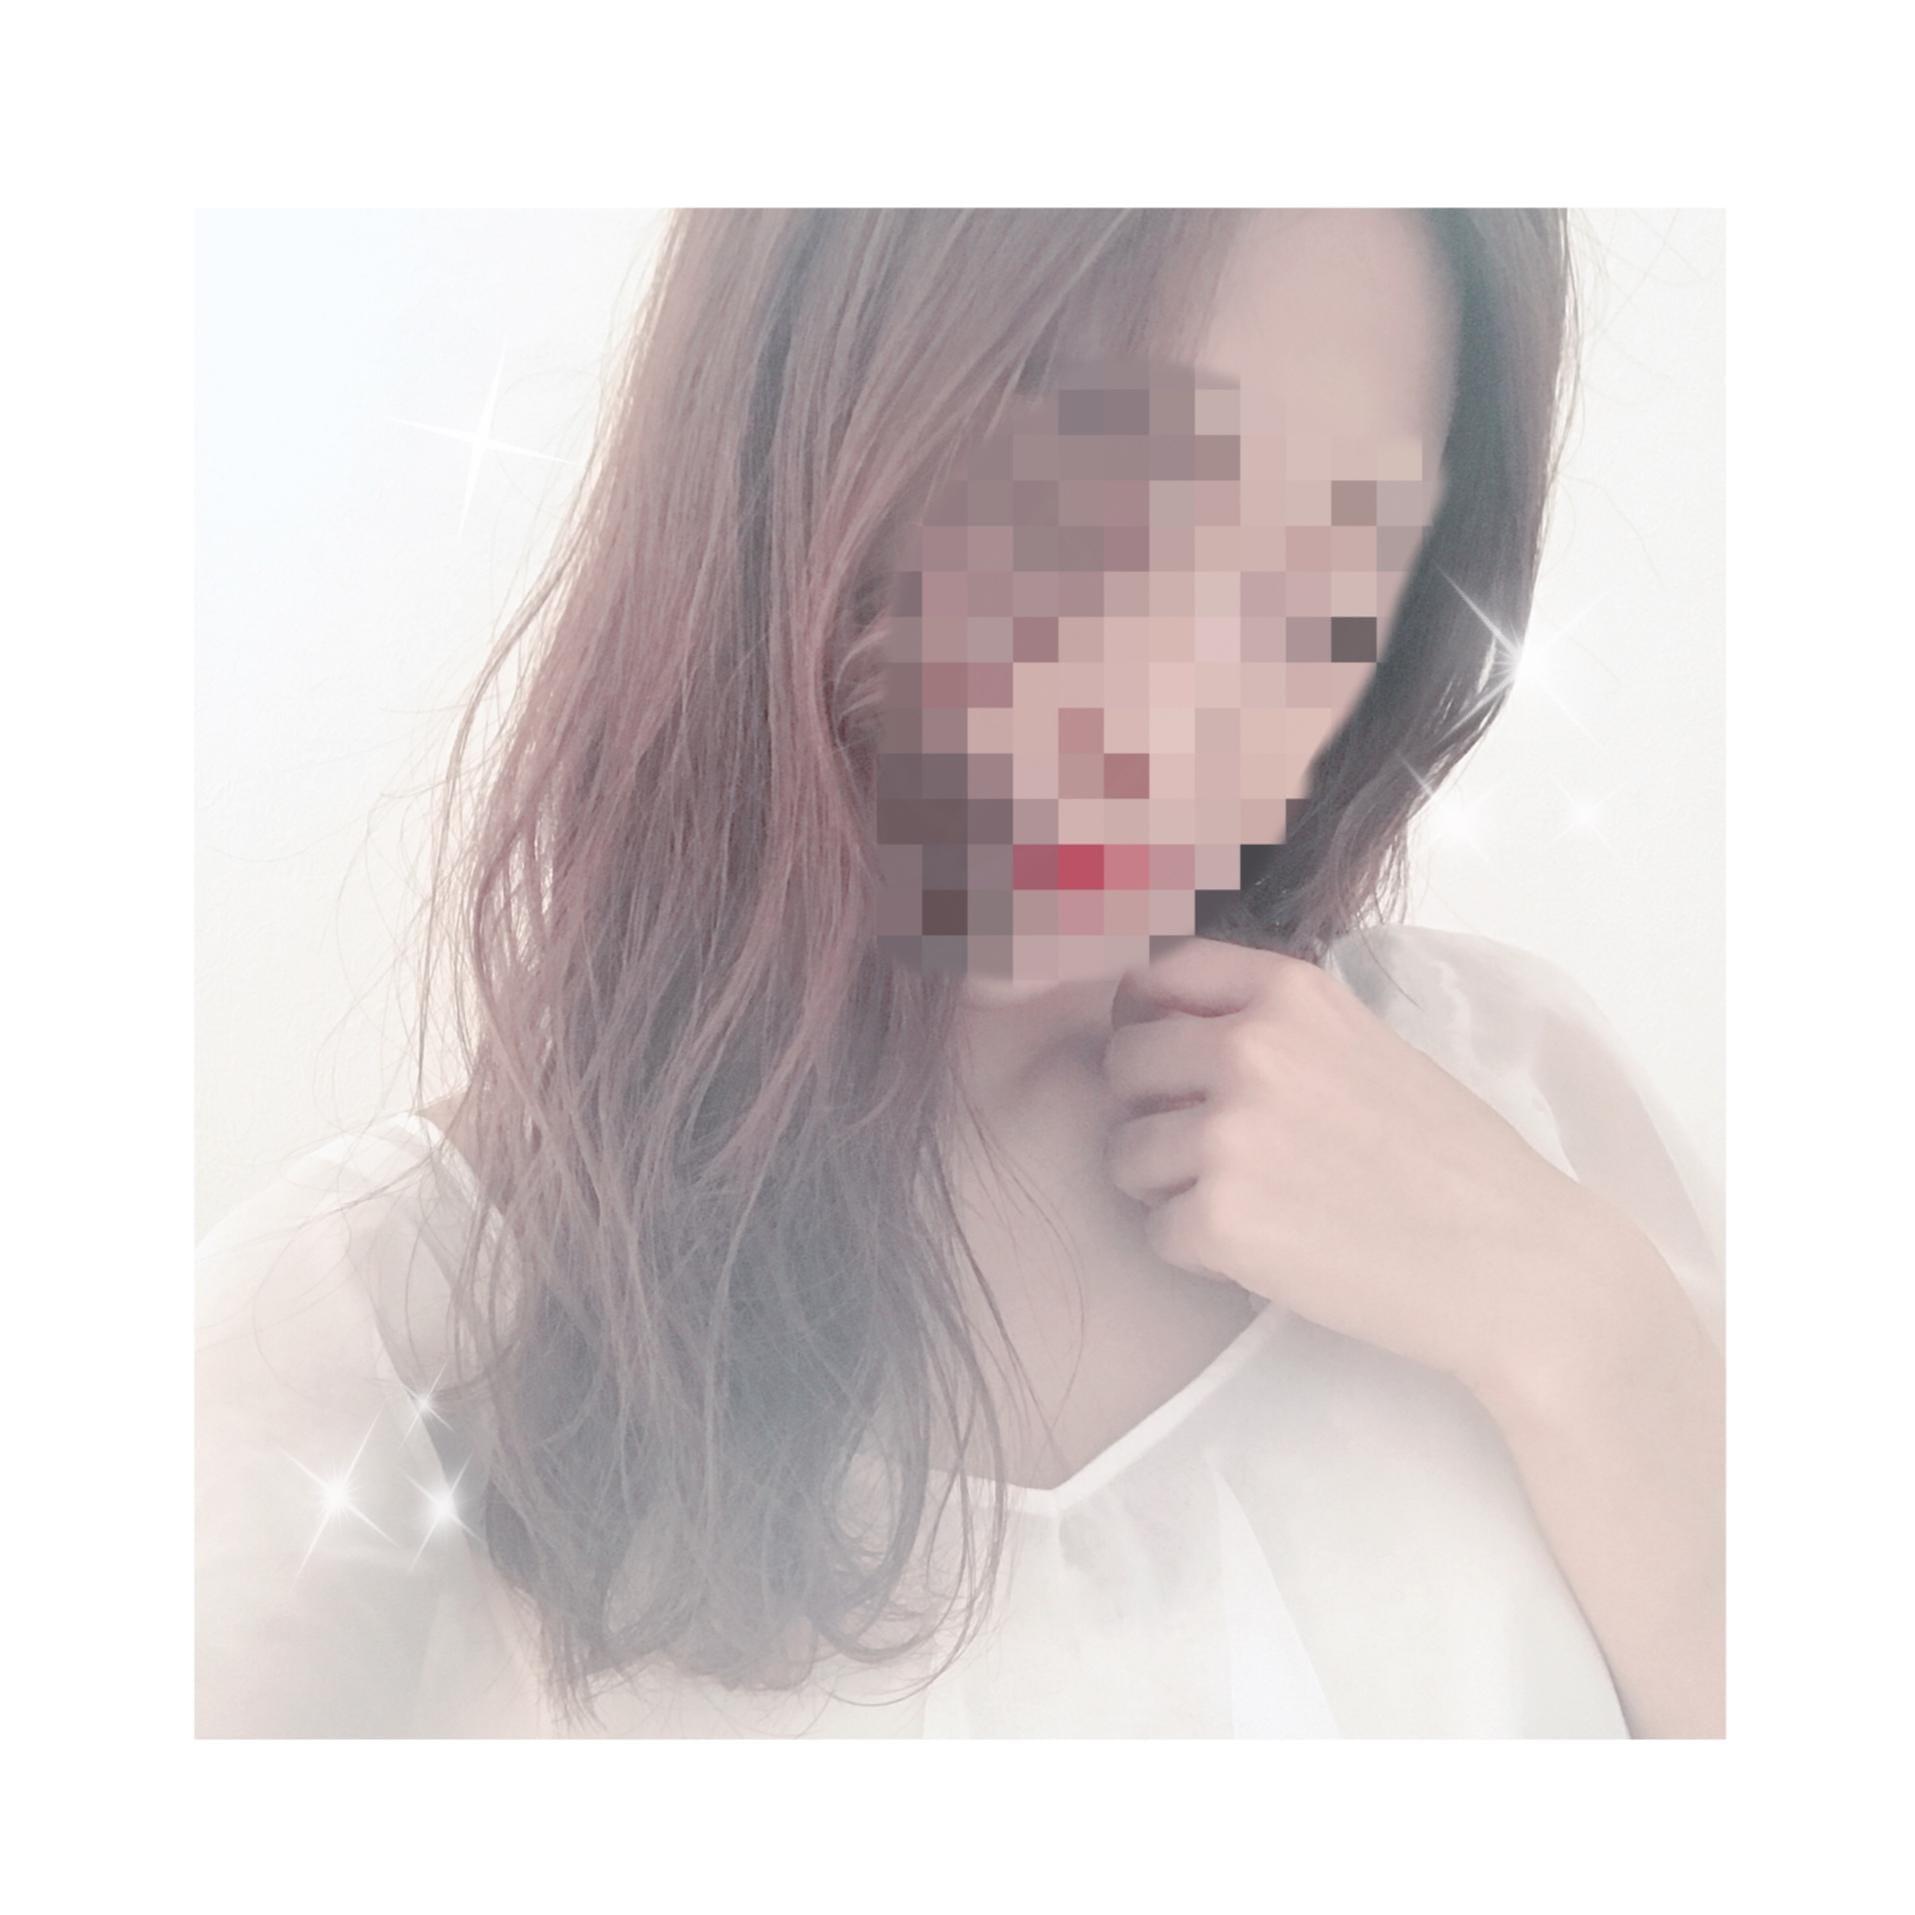 「さっき☆」05/30(05/30) 22:13 | るみなの写メ・風俗動画